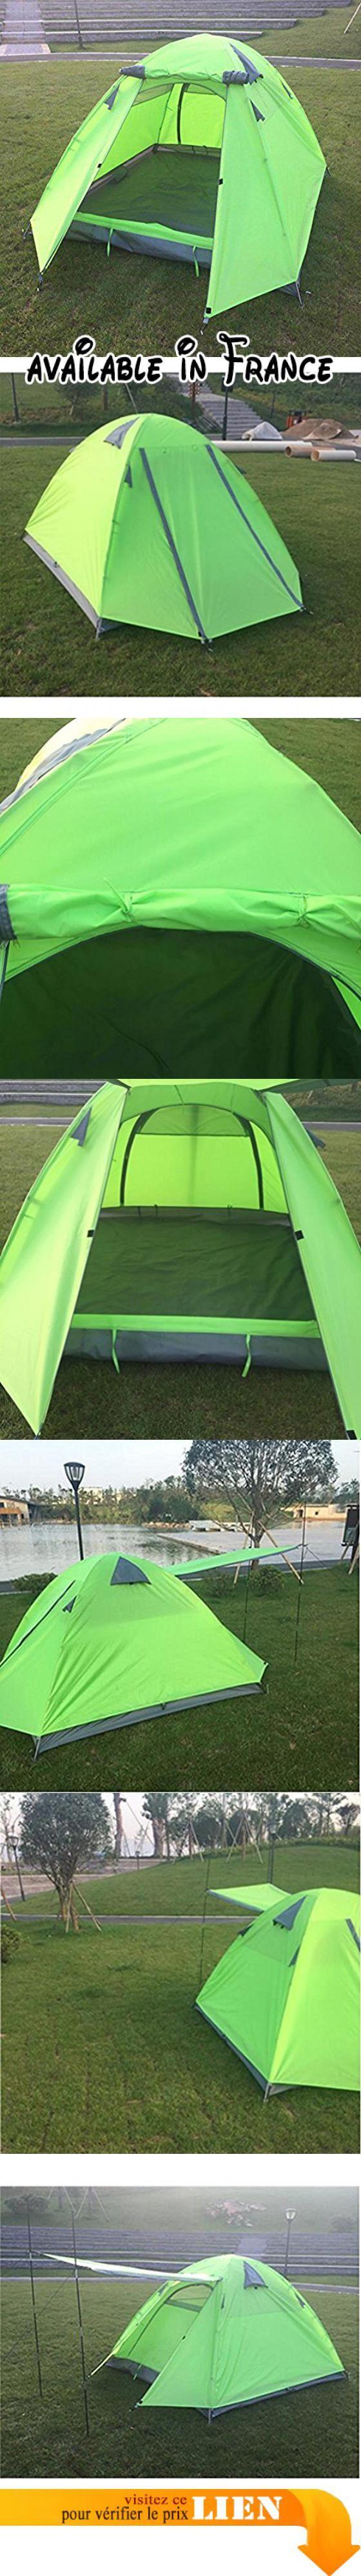 B075LLKVVR : Tente de Camping Familiale 3-4 Personnes - Impermable Ventile et Durable. Le paquet contient: 1 tente  accessoires. Double couche haute qualitšŠ šŠtanche facile š installer. Dimension --- 200  (80  200  80)  110cm;. Tente de camping impermšŠable et portable de haute qualitšŠ idšŠale pour la randonnšŠe le voyage le camping et autres activitšŠs de plein air. Veuillez noter que votre appareil pourrait šºtre endommagšŠ en